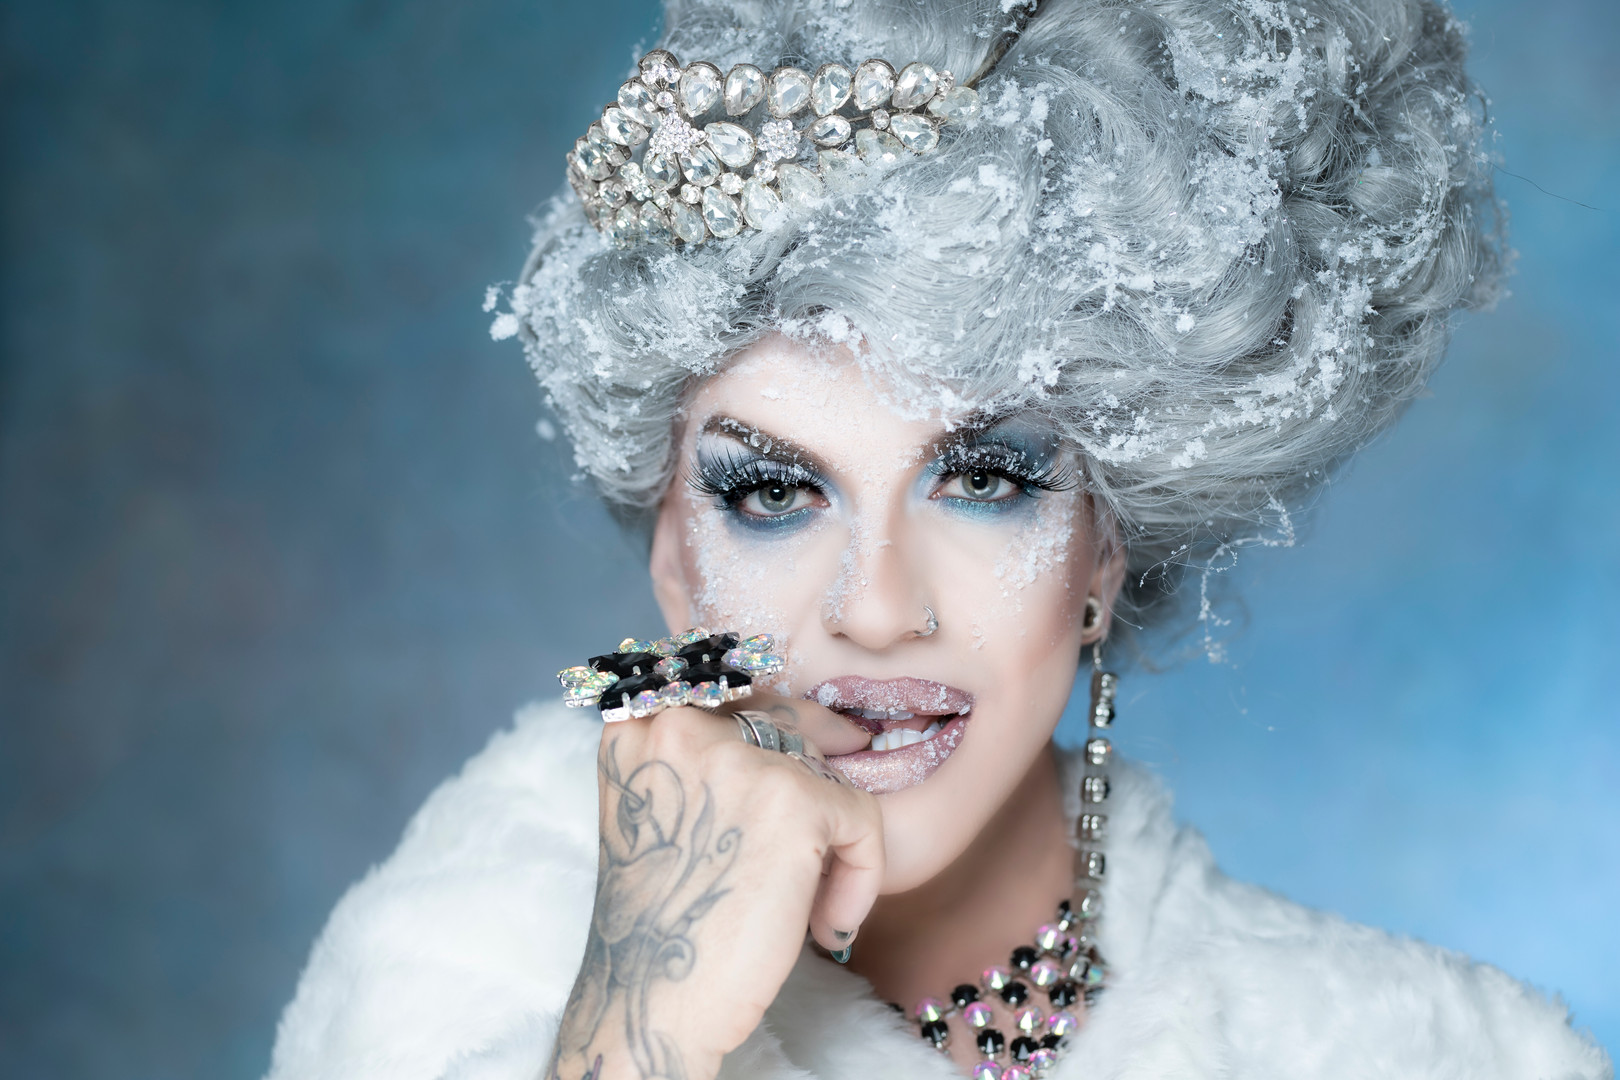 Shyanne (Ice Queen) - Clarissa Debenham